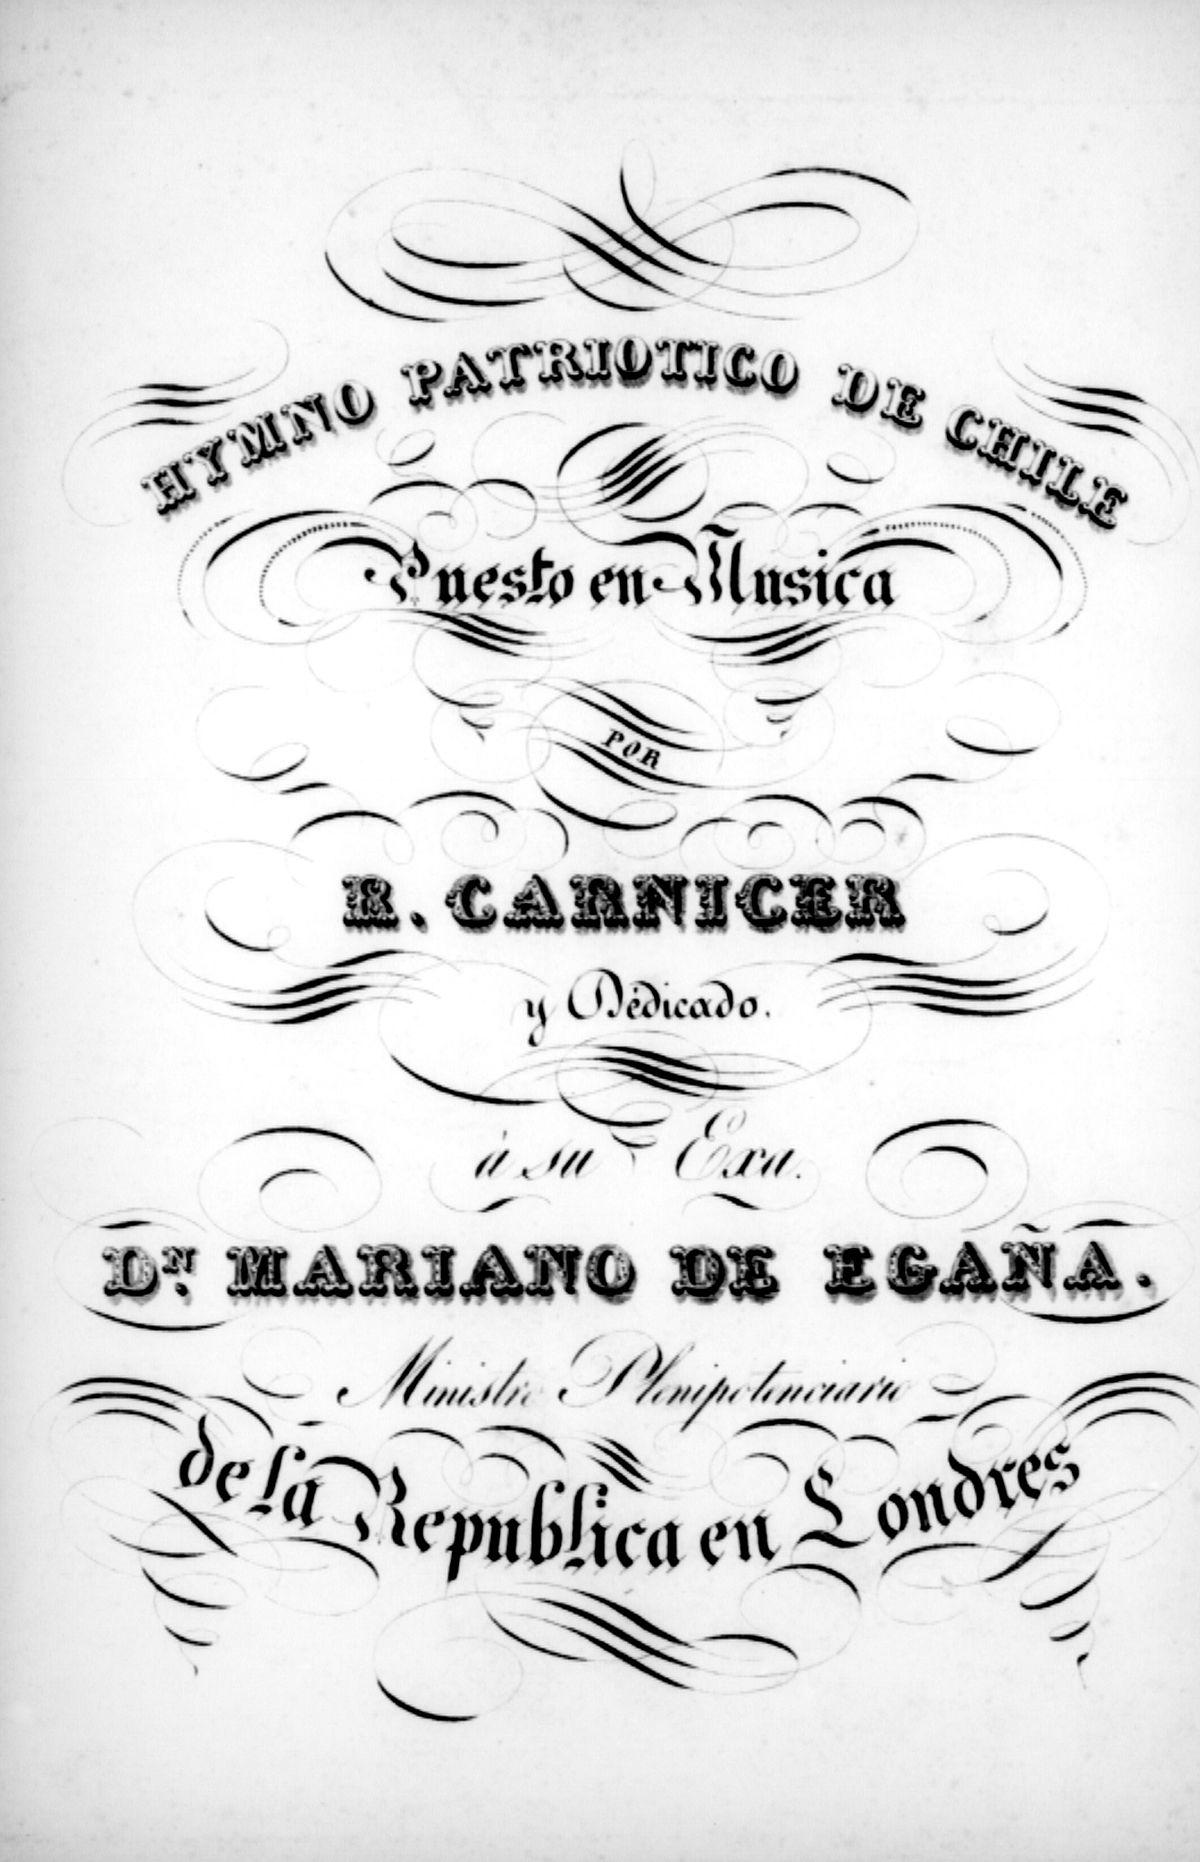 Himno nacional de Chile - Wikipedia, la enciclopedia libre